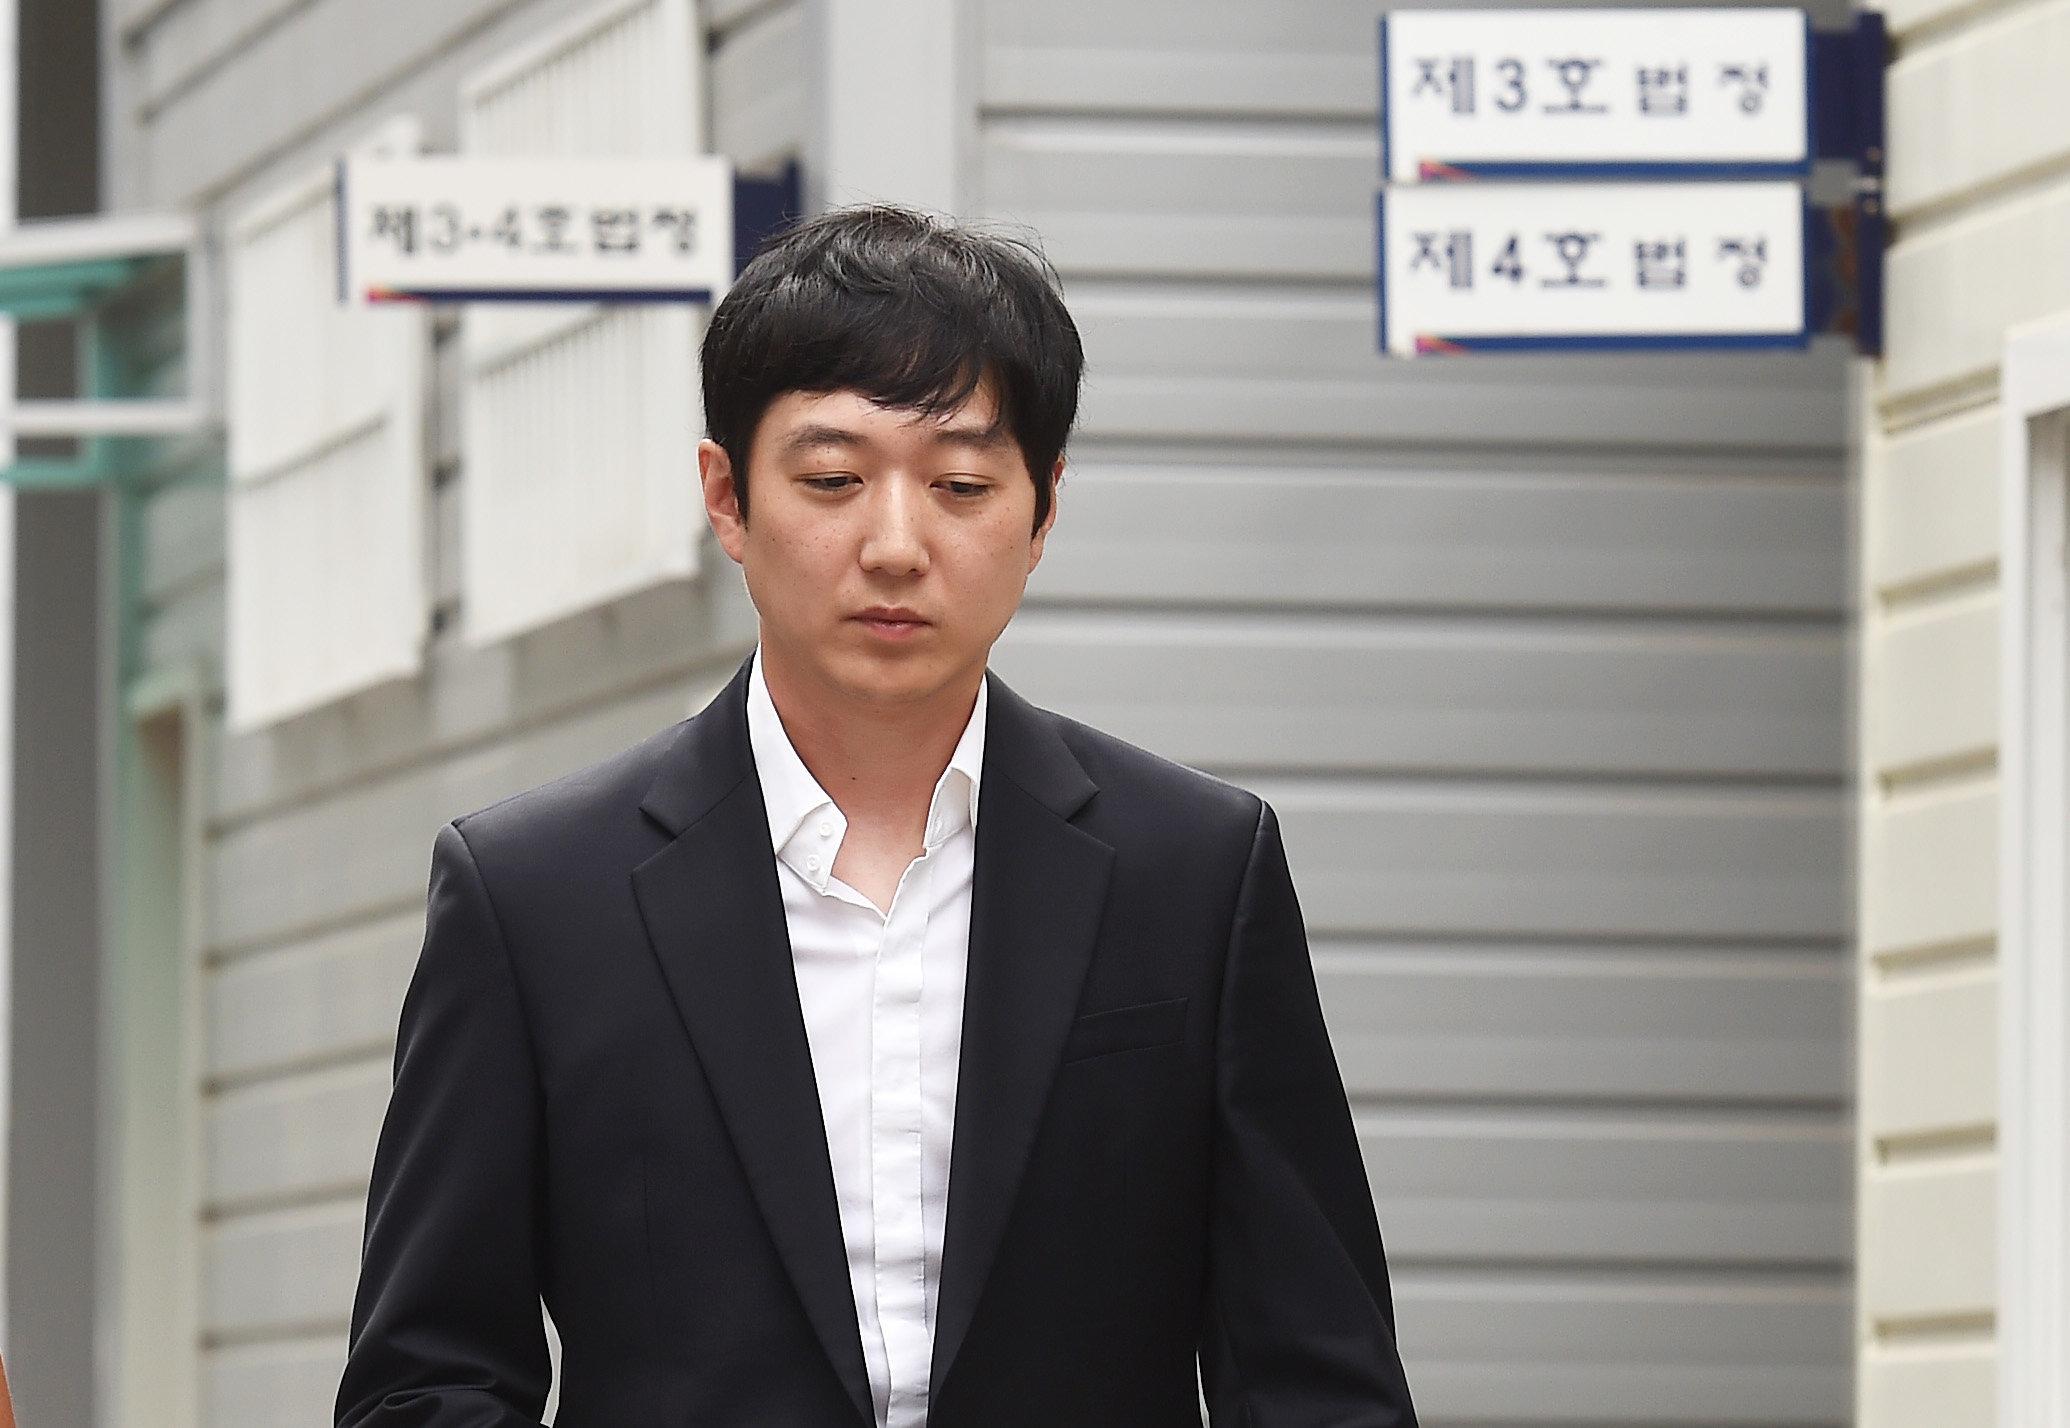 '상습 성폭력 의혹' 조재범 전 코치의 가족이 입장을